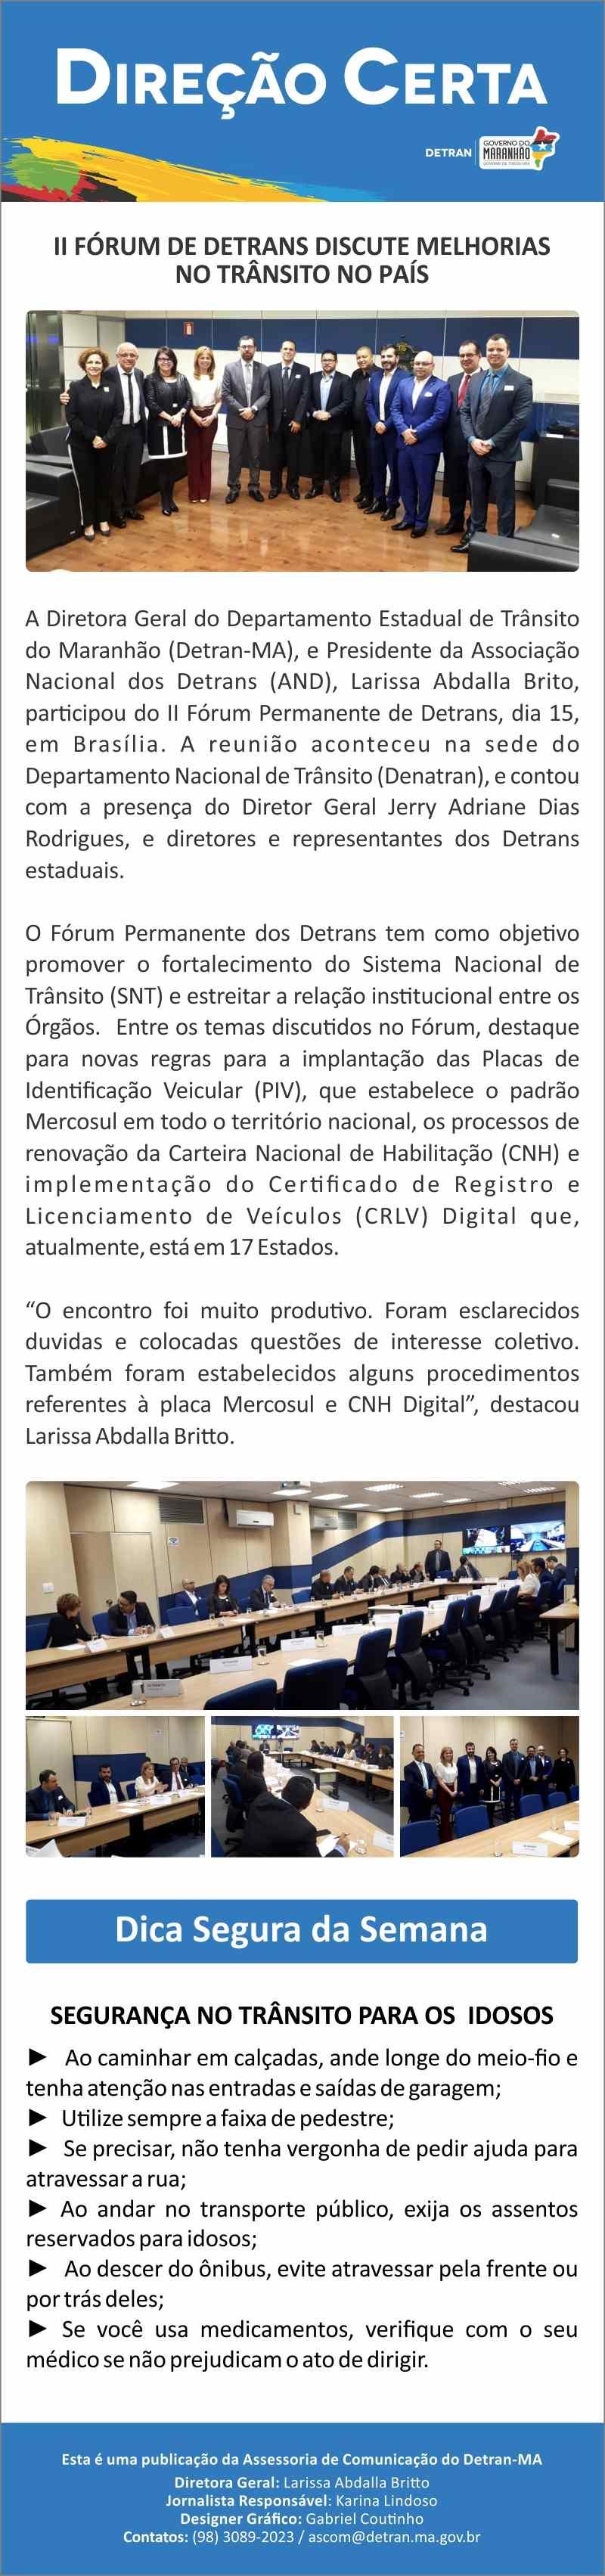 II Fórum de Detrans discute melhorias no trânsito no País